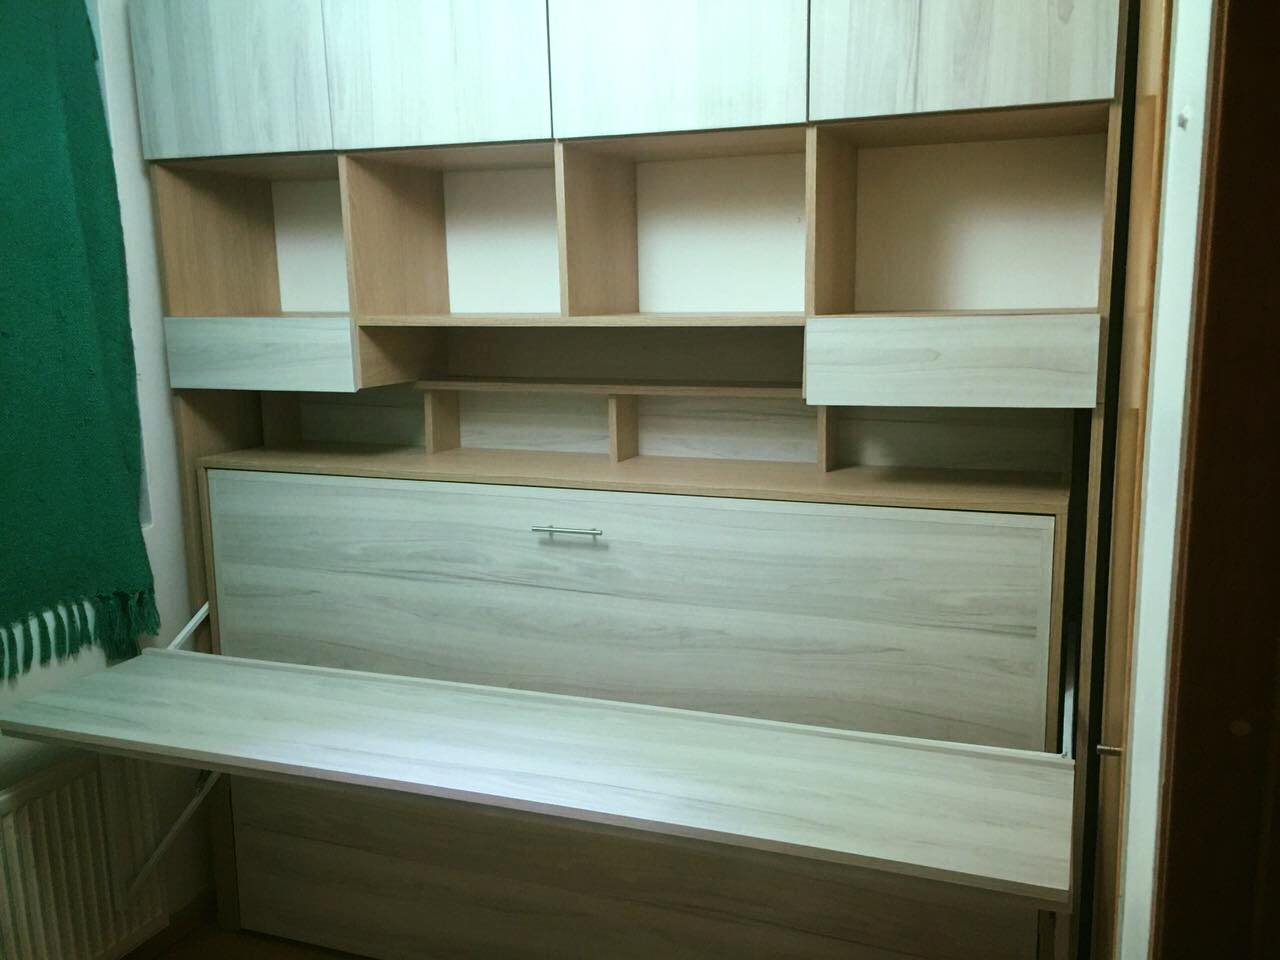 Kamasypetacas_camasplegables_dormitorio (147)